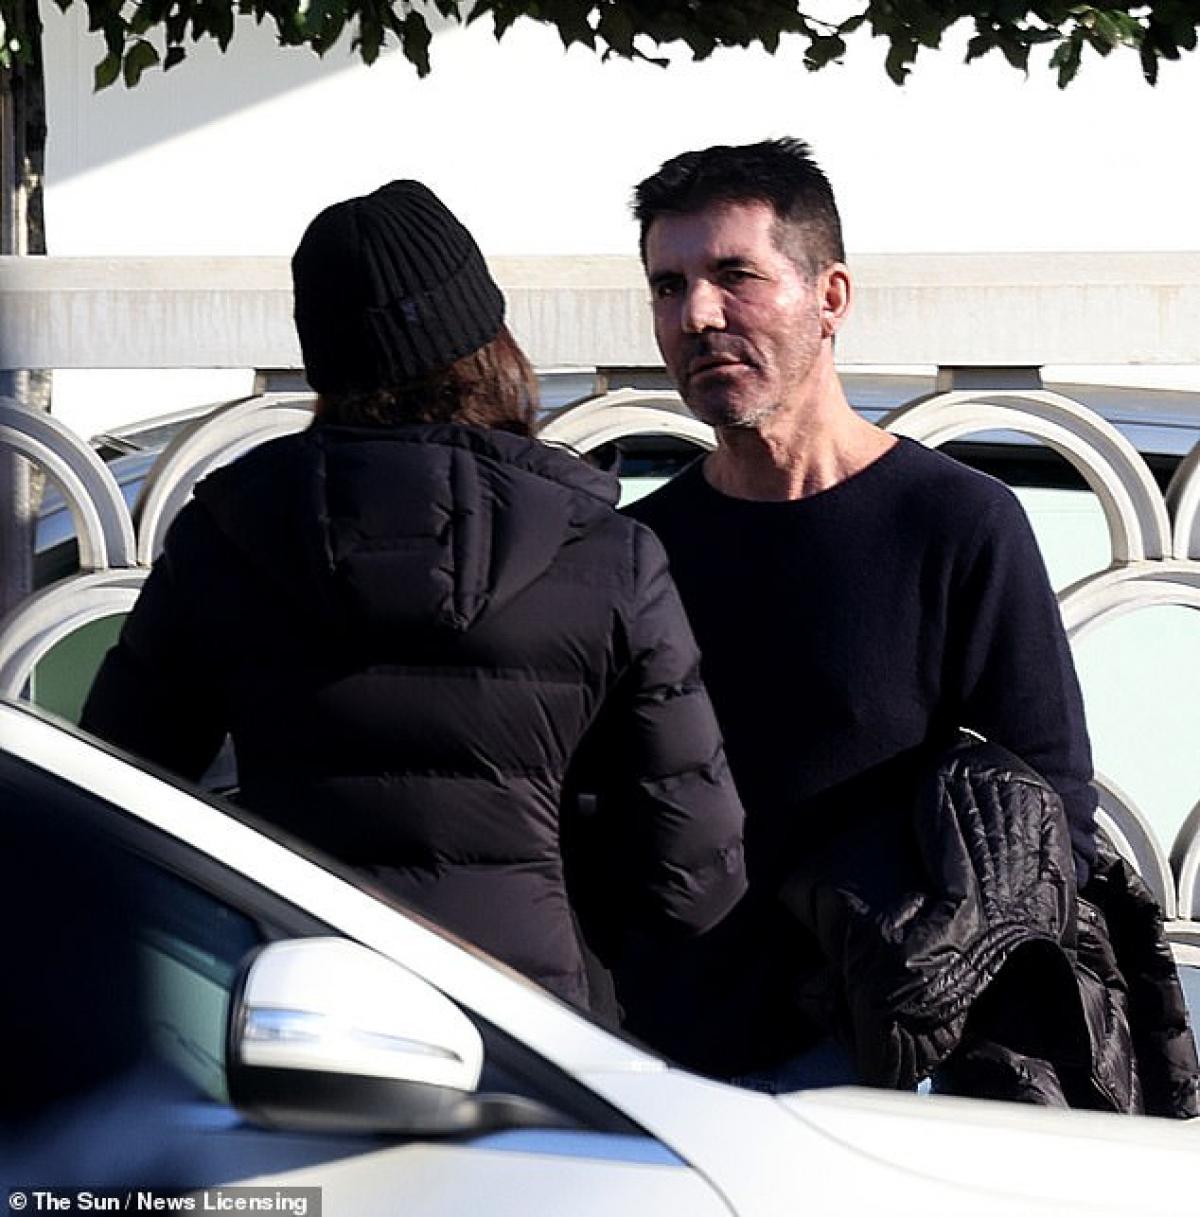 Simon Cowell và Lauren Silverman bị cánh săn ảnh bắt gặp khi đang cãi vã trên phố ở London hôm 2/3 vừa qua, theo giờ địa phương.